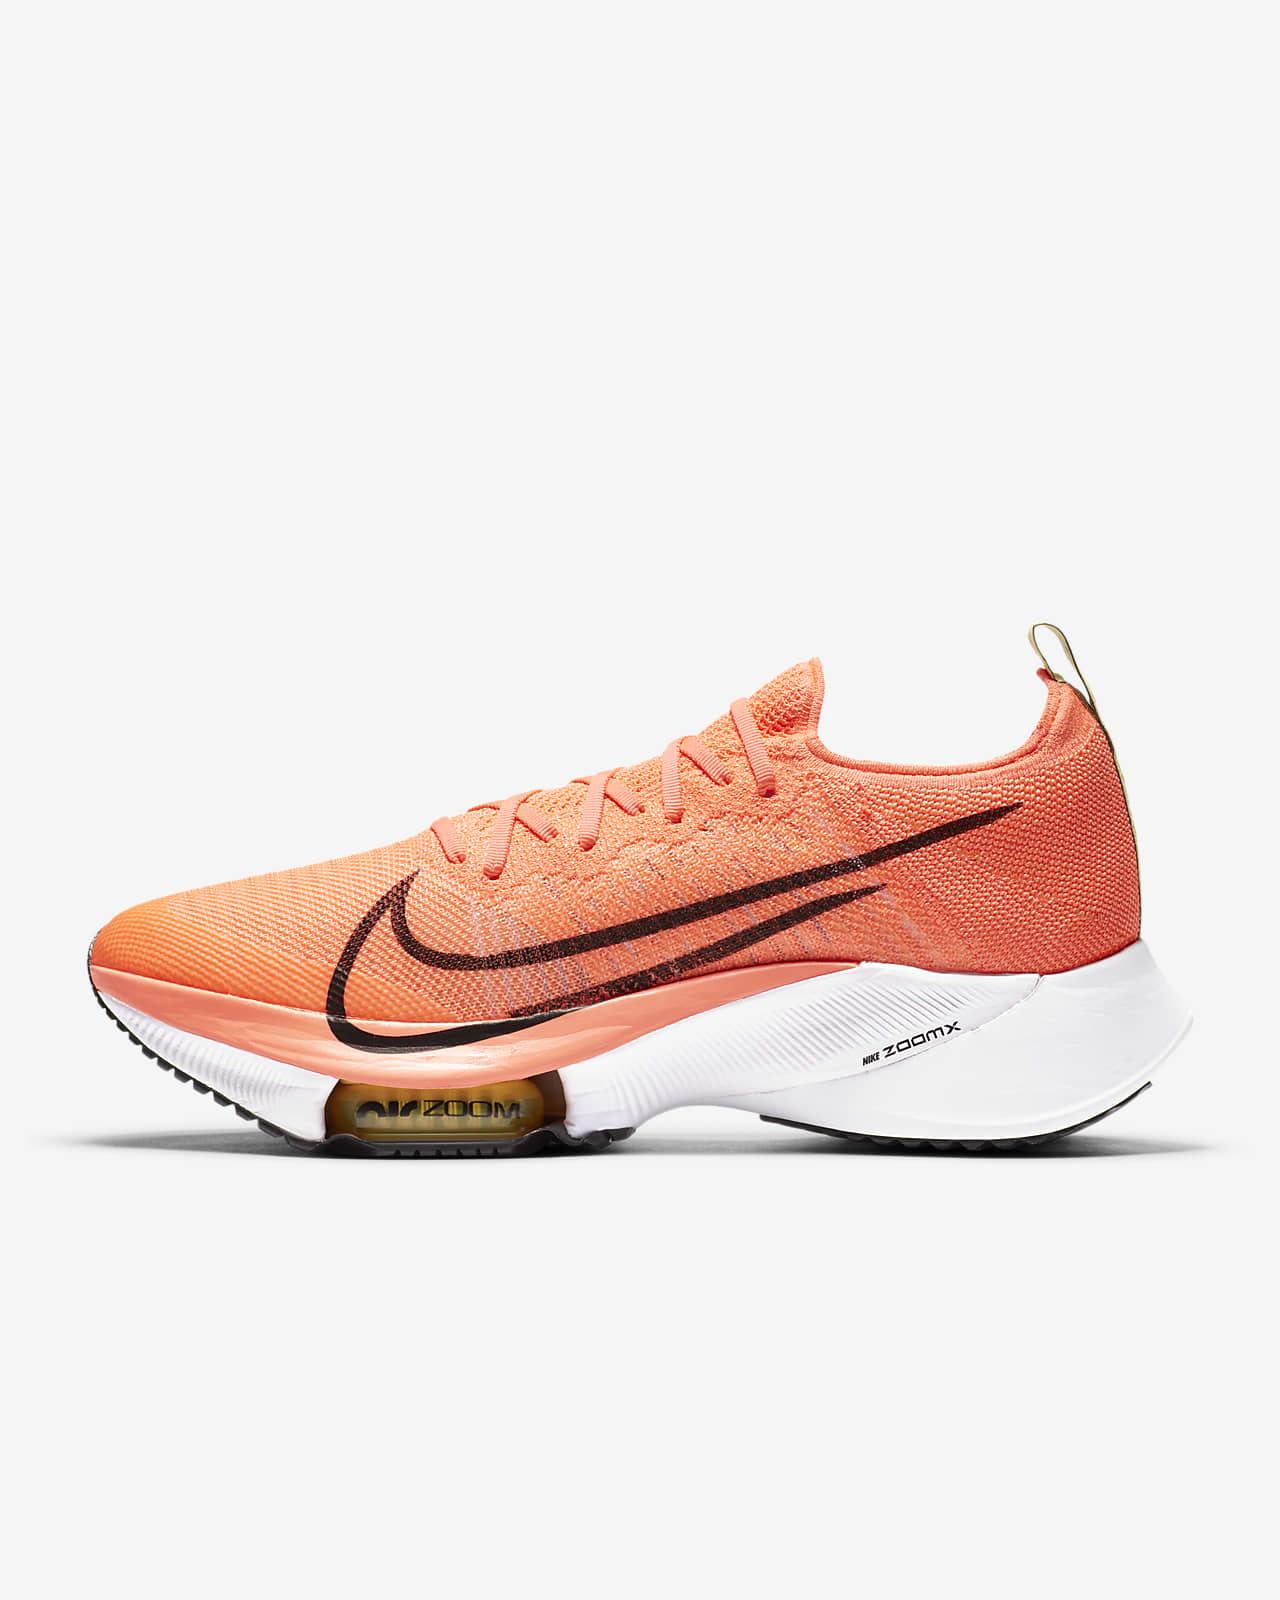 Pánská běžecká bota Nike Air Zoom Tempo NEXT%